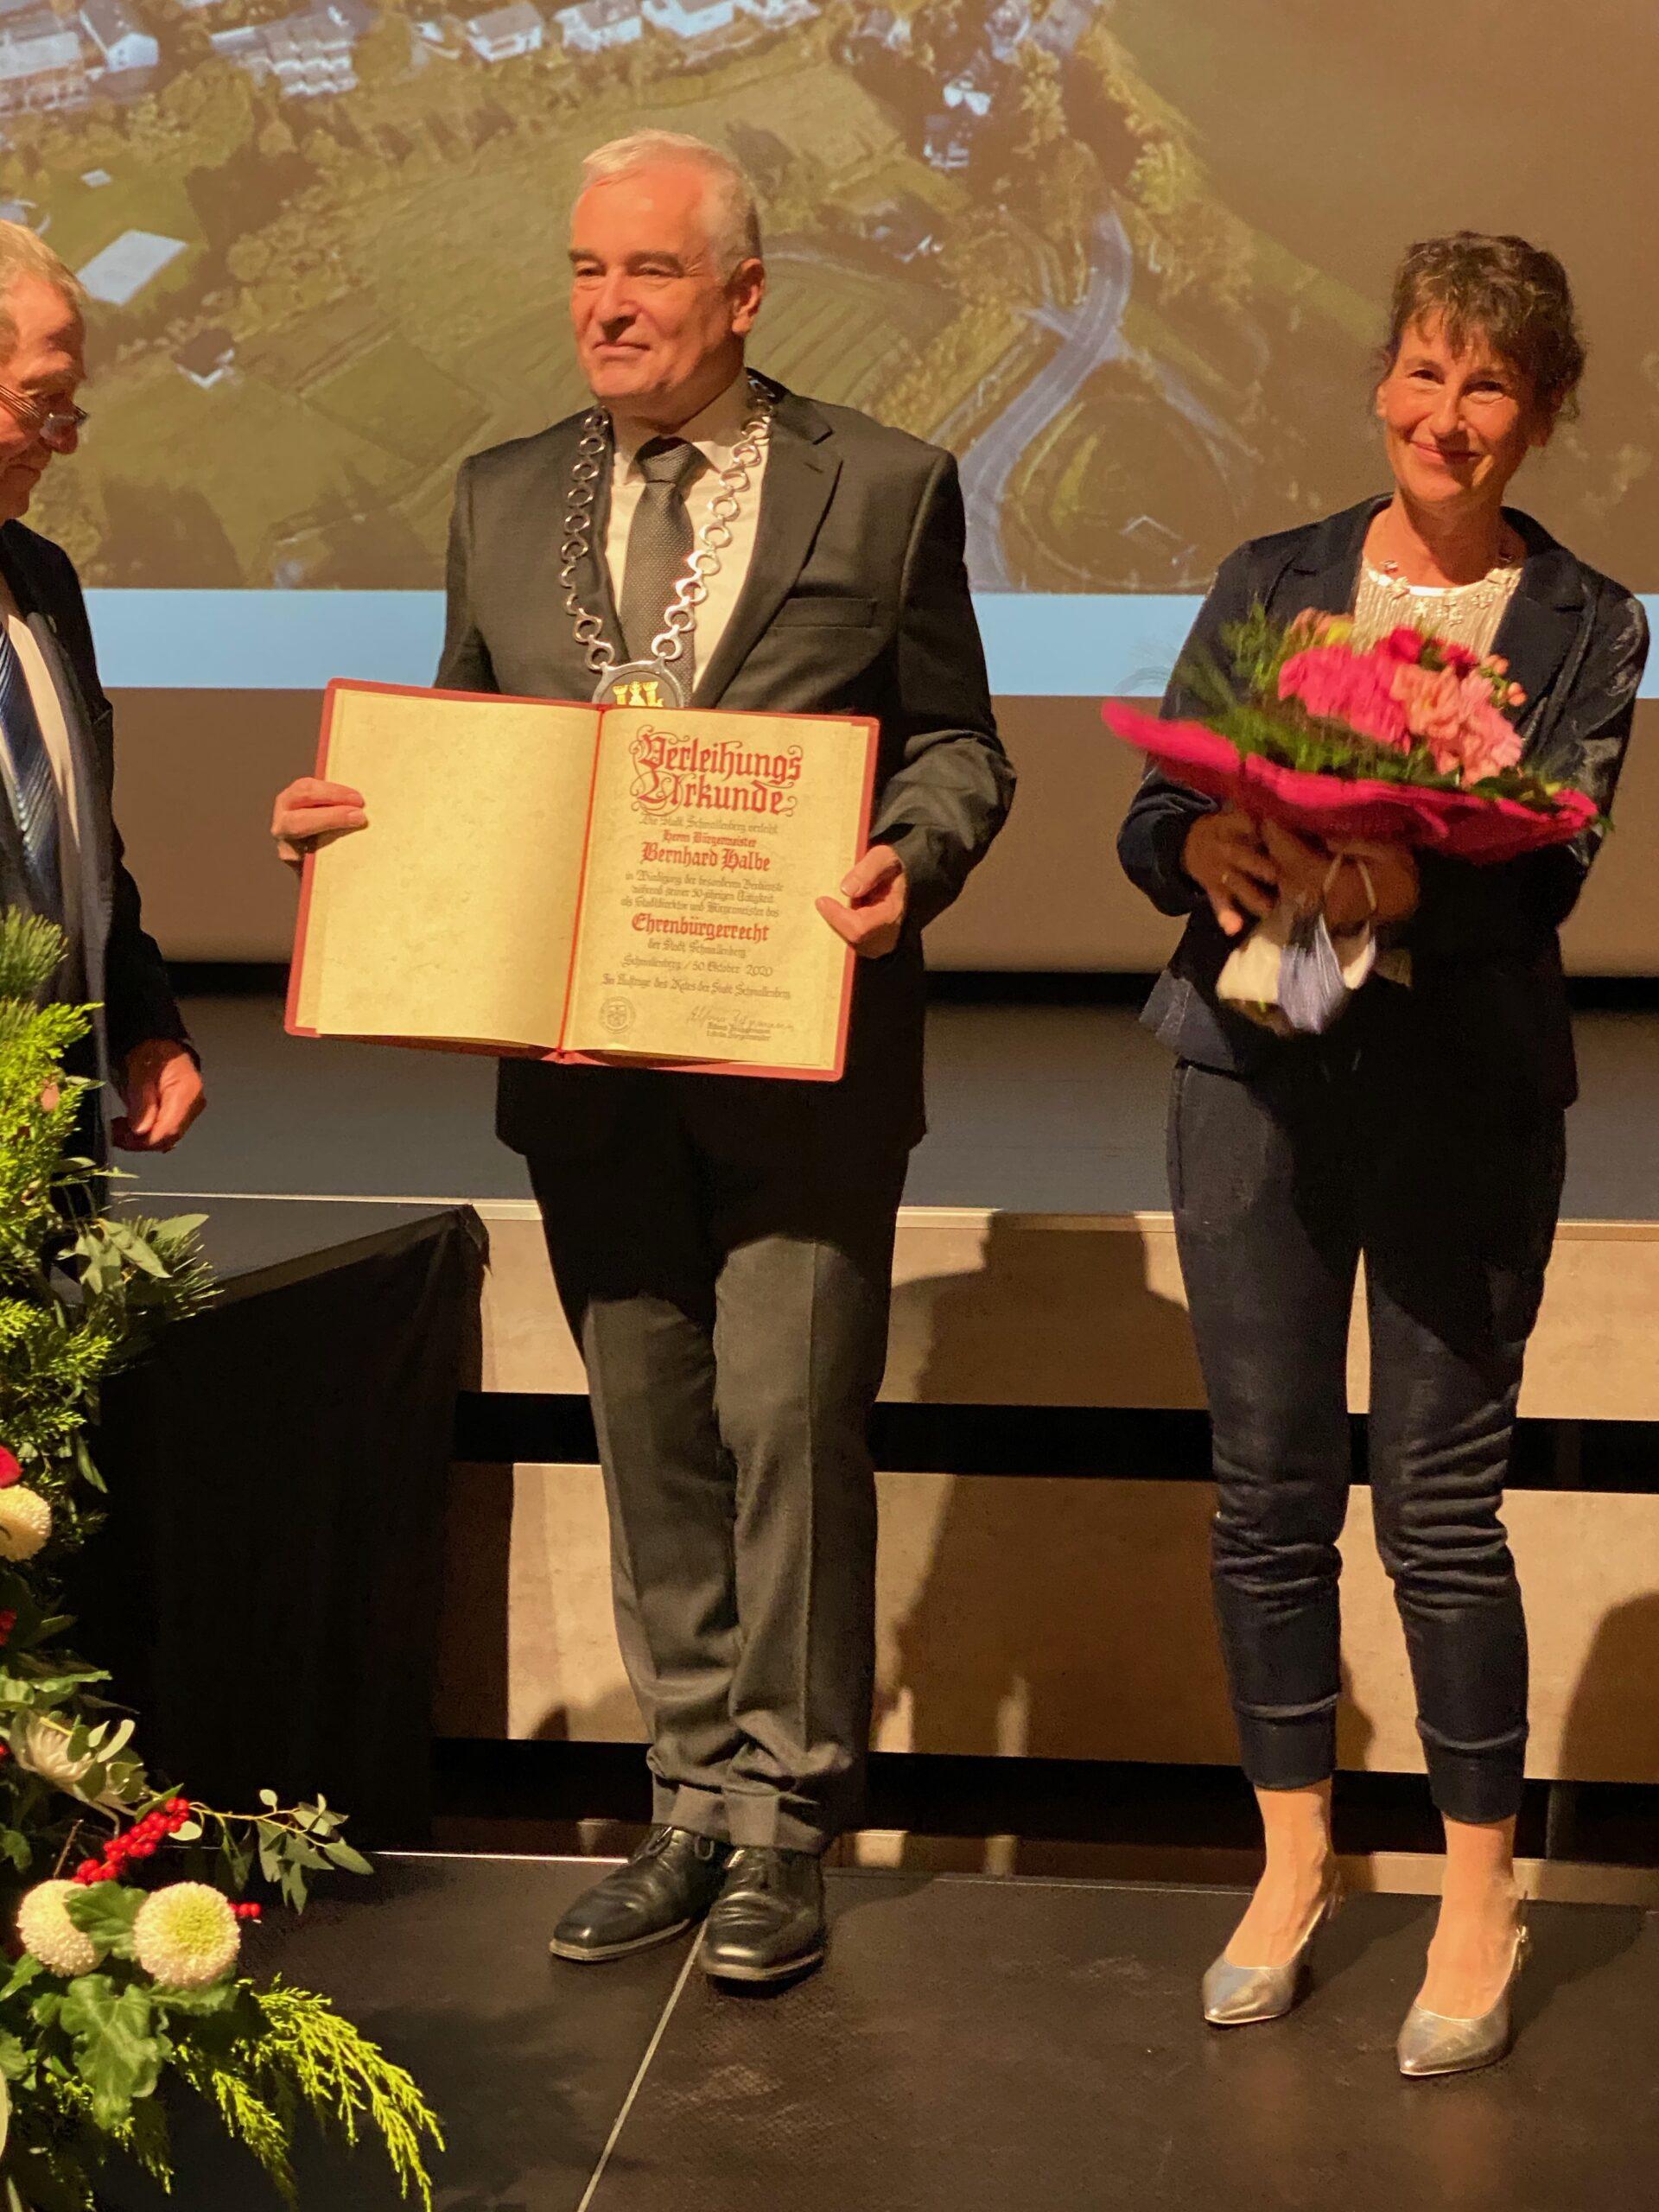 Ehrenbürgerrecht für Bernhard Halbe